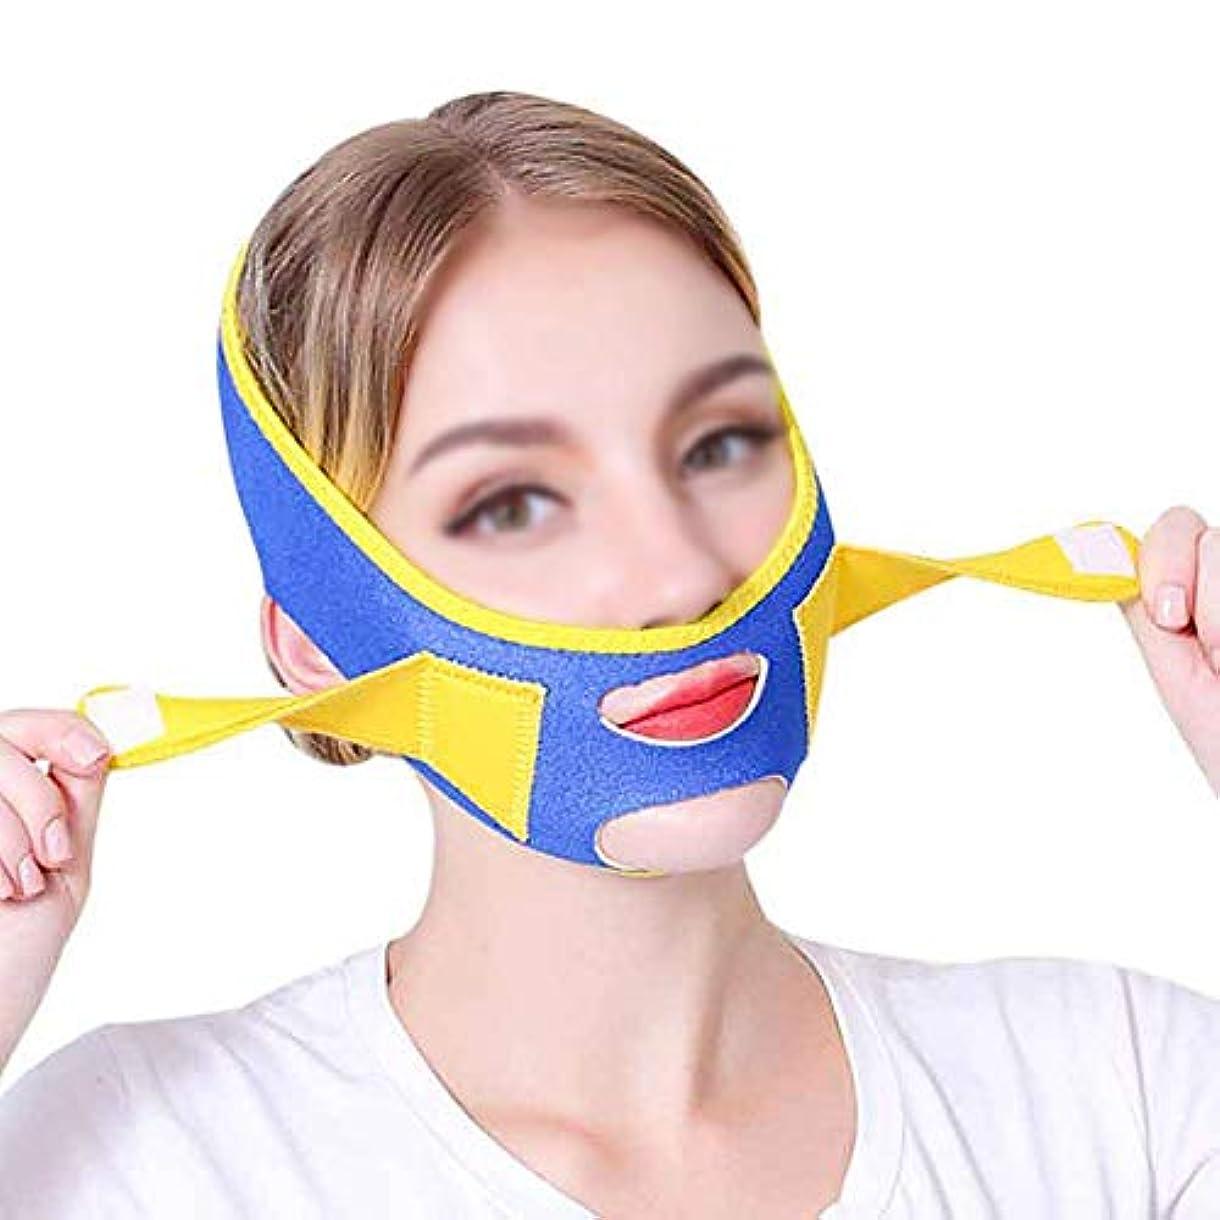 未知の反対同級生GLJJQMY 薄い顔マスクあごの修復包帯薄い顔マスクV顔ステッカー薄い顔ステッカー韓国本物のスリミング引き締め顔スリムダブルスクワットフェイスリフト睡眠包帯アーティファクト 顔用整形マスク